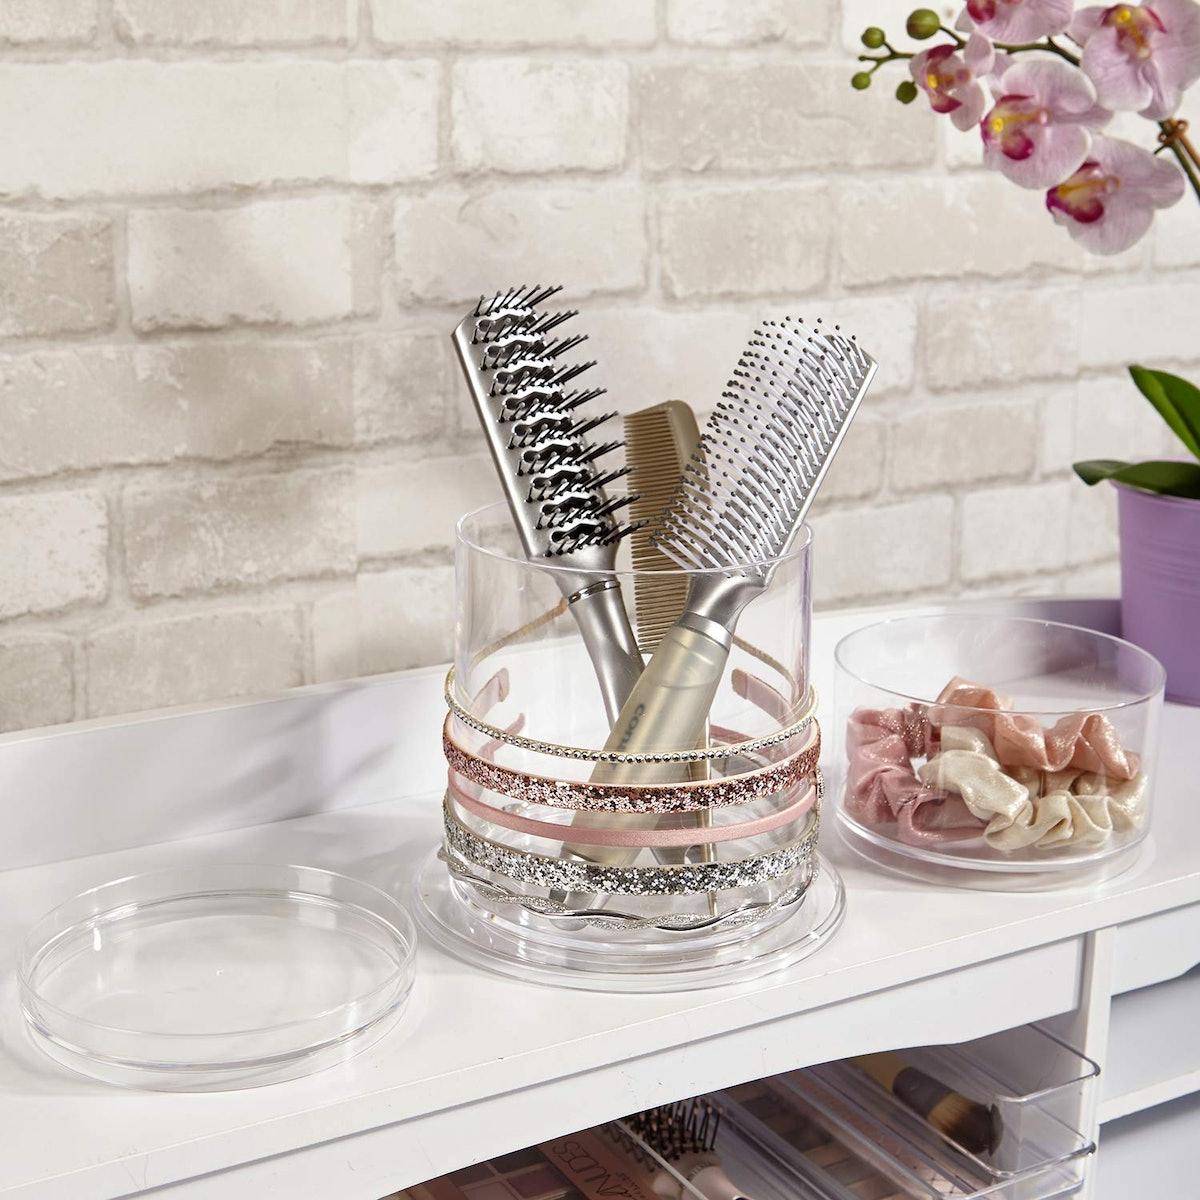 STORi Stackable Brush and Headband Organizer